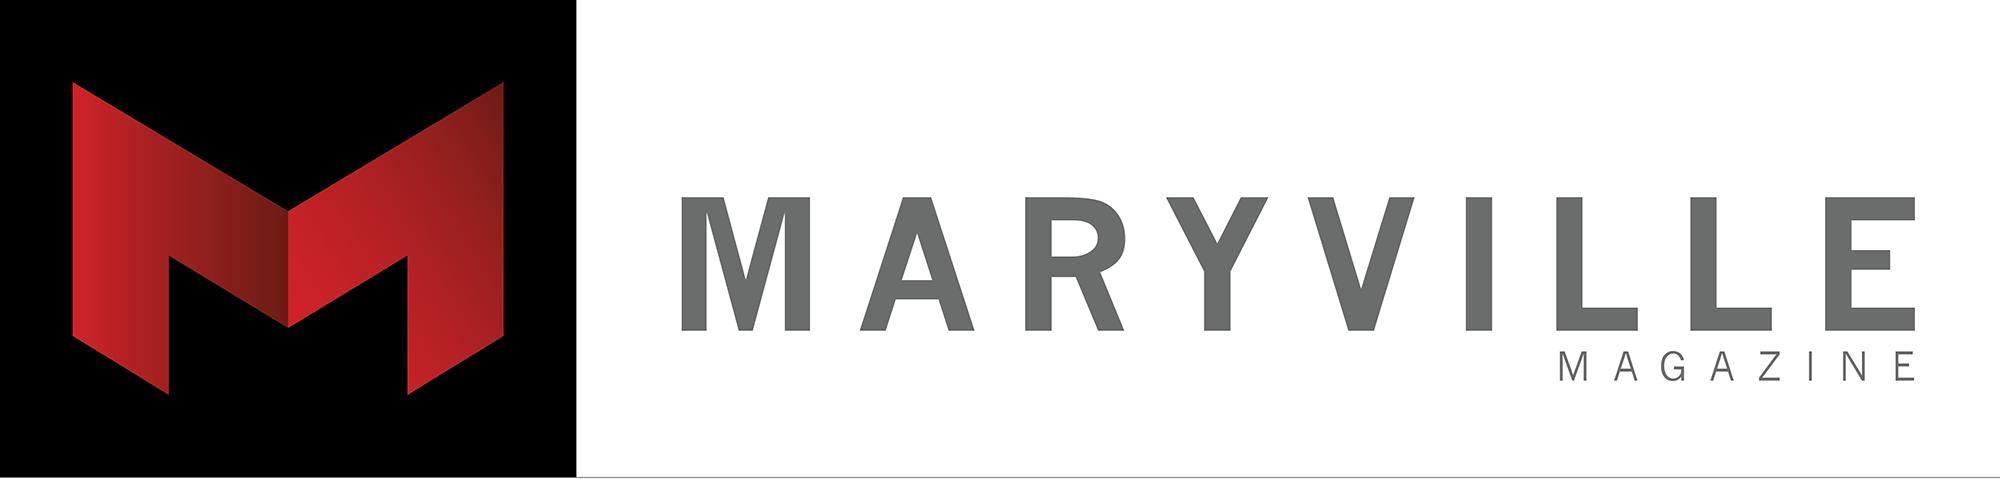 Maryville Magazine